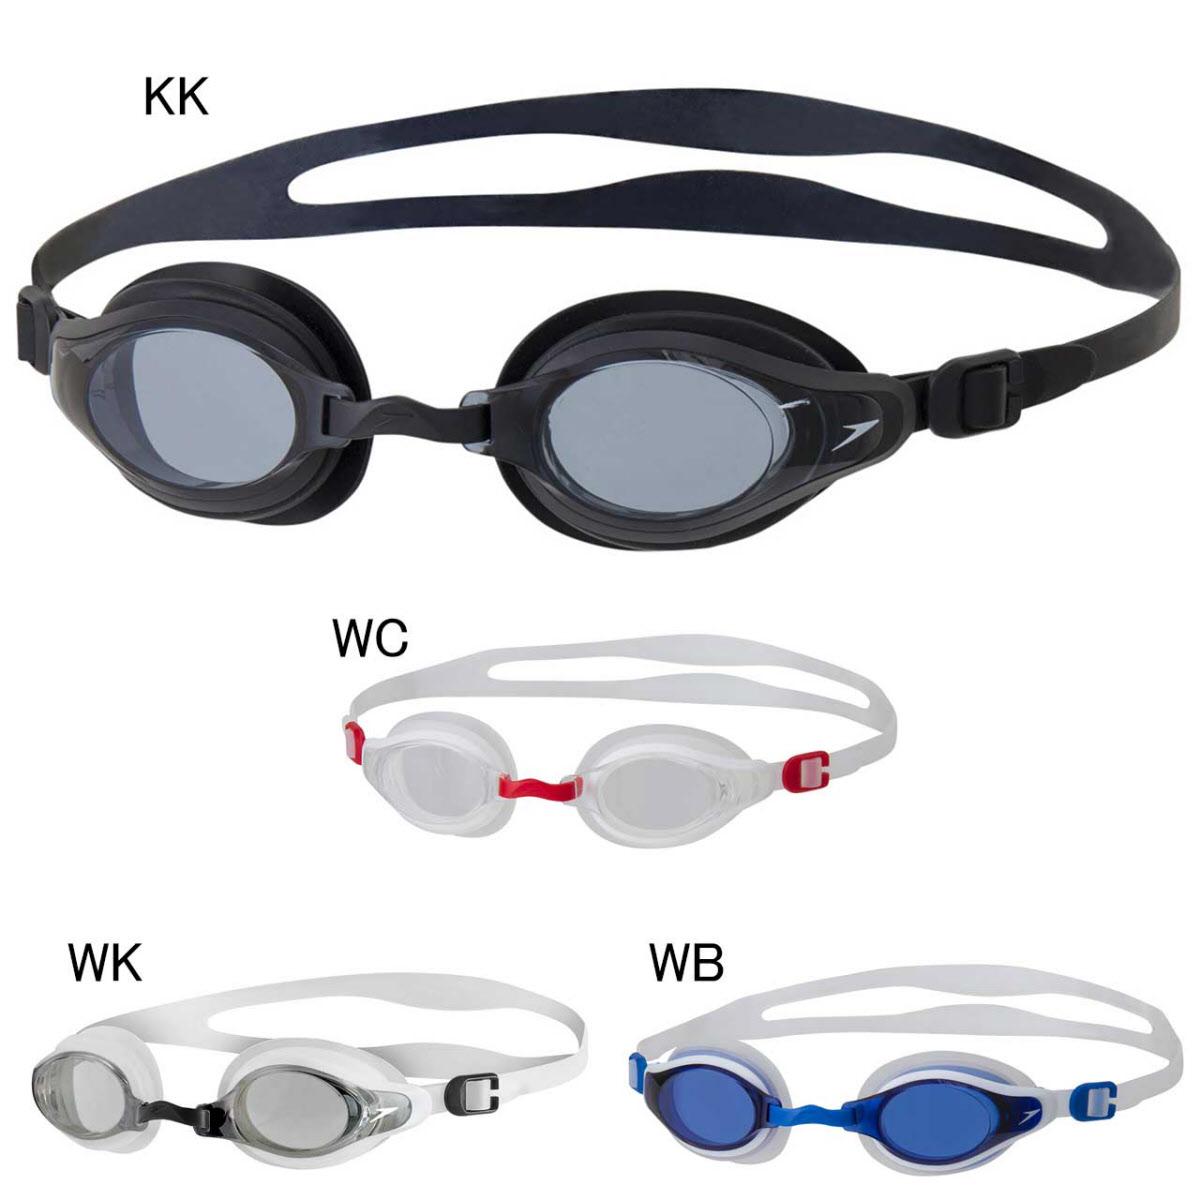 新JP版Speedo速比涛游泳眼镜运动休闲胶圈无镀膜泳镜男女SE01915